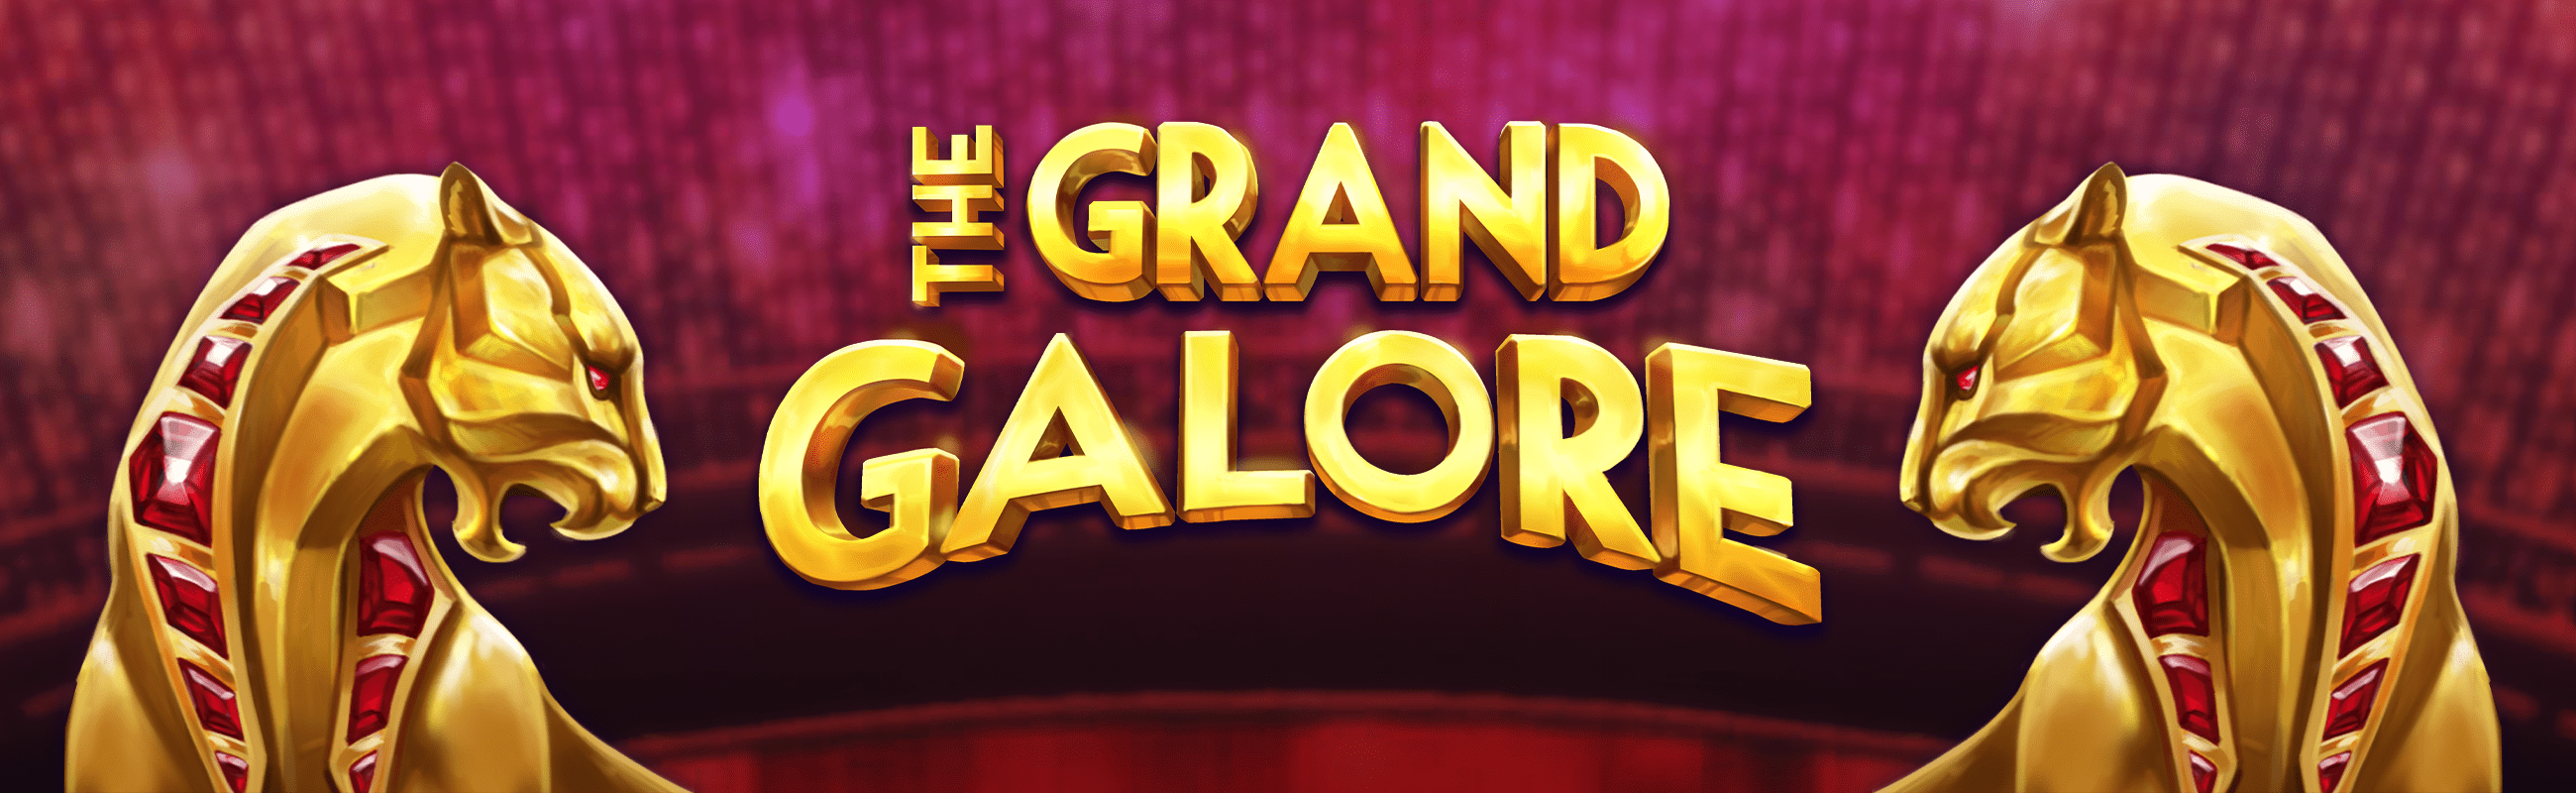 The Grand Galoreこのスロットゲームについてすべて読む - スロットレビュー